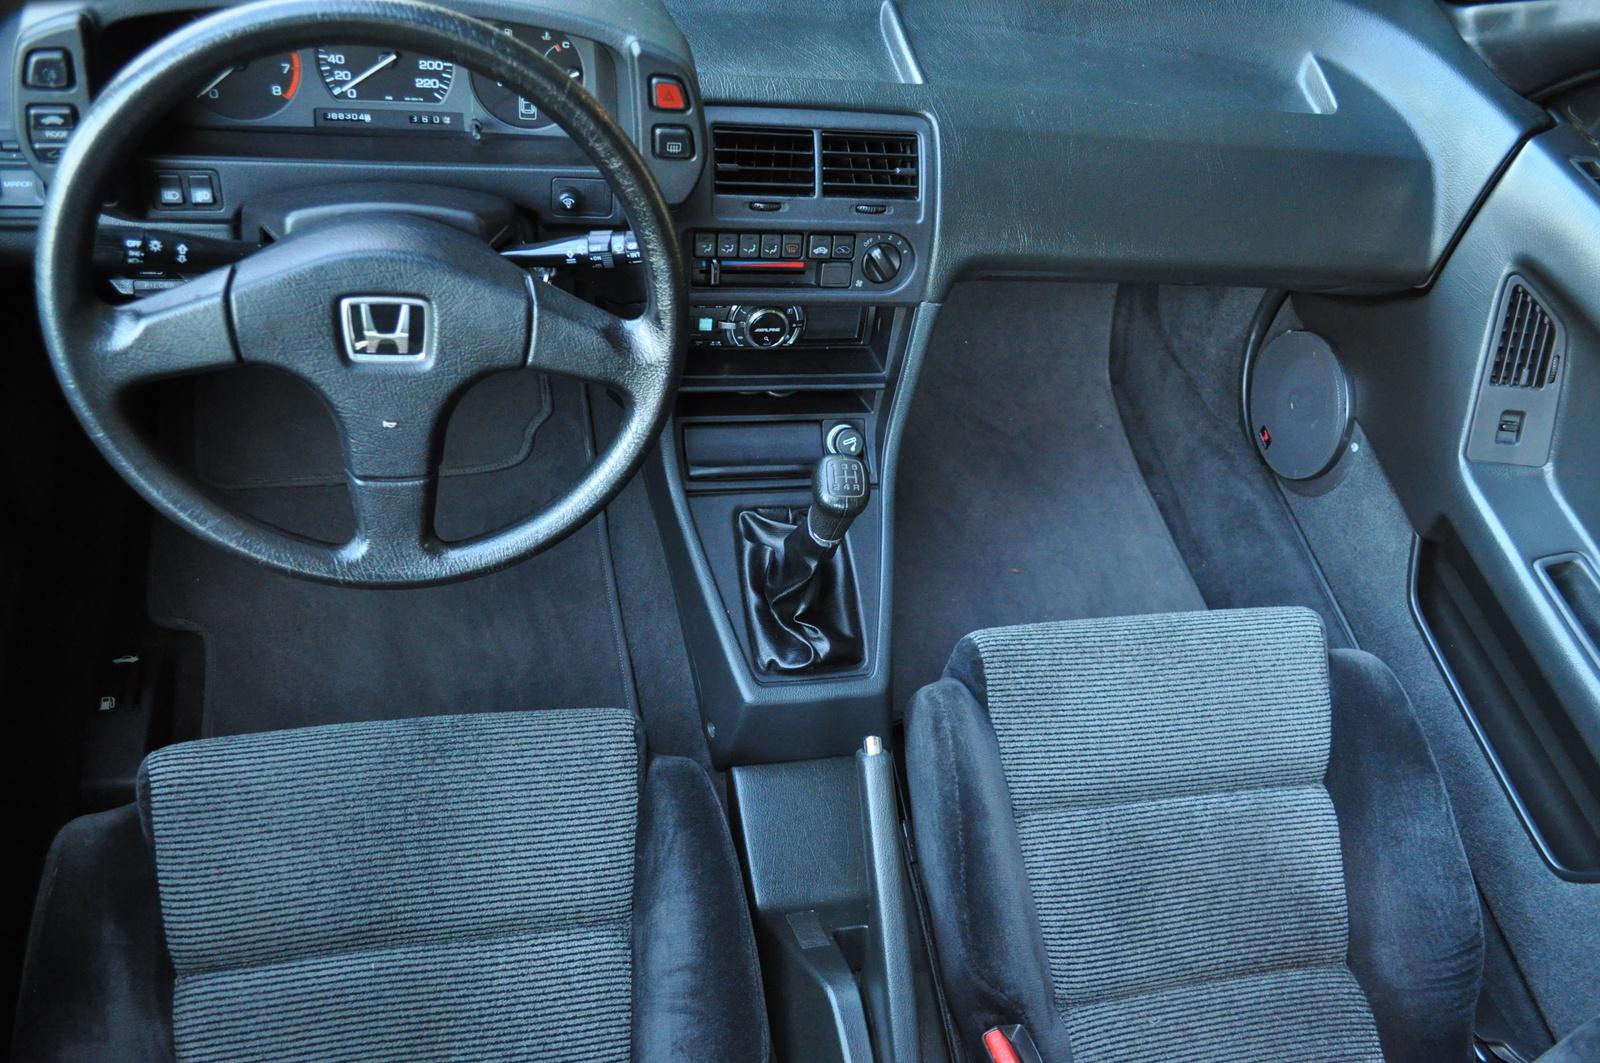 Dsc in addition  furthermore Honda Prelude Review furthermore Honda Prelude Interior Wallpaper in addition Honda Prelude Wallpaper. on 2001 honda prelude interior